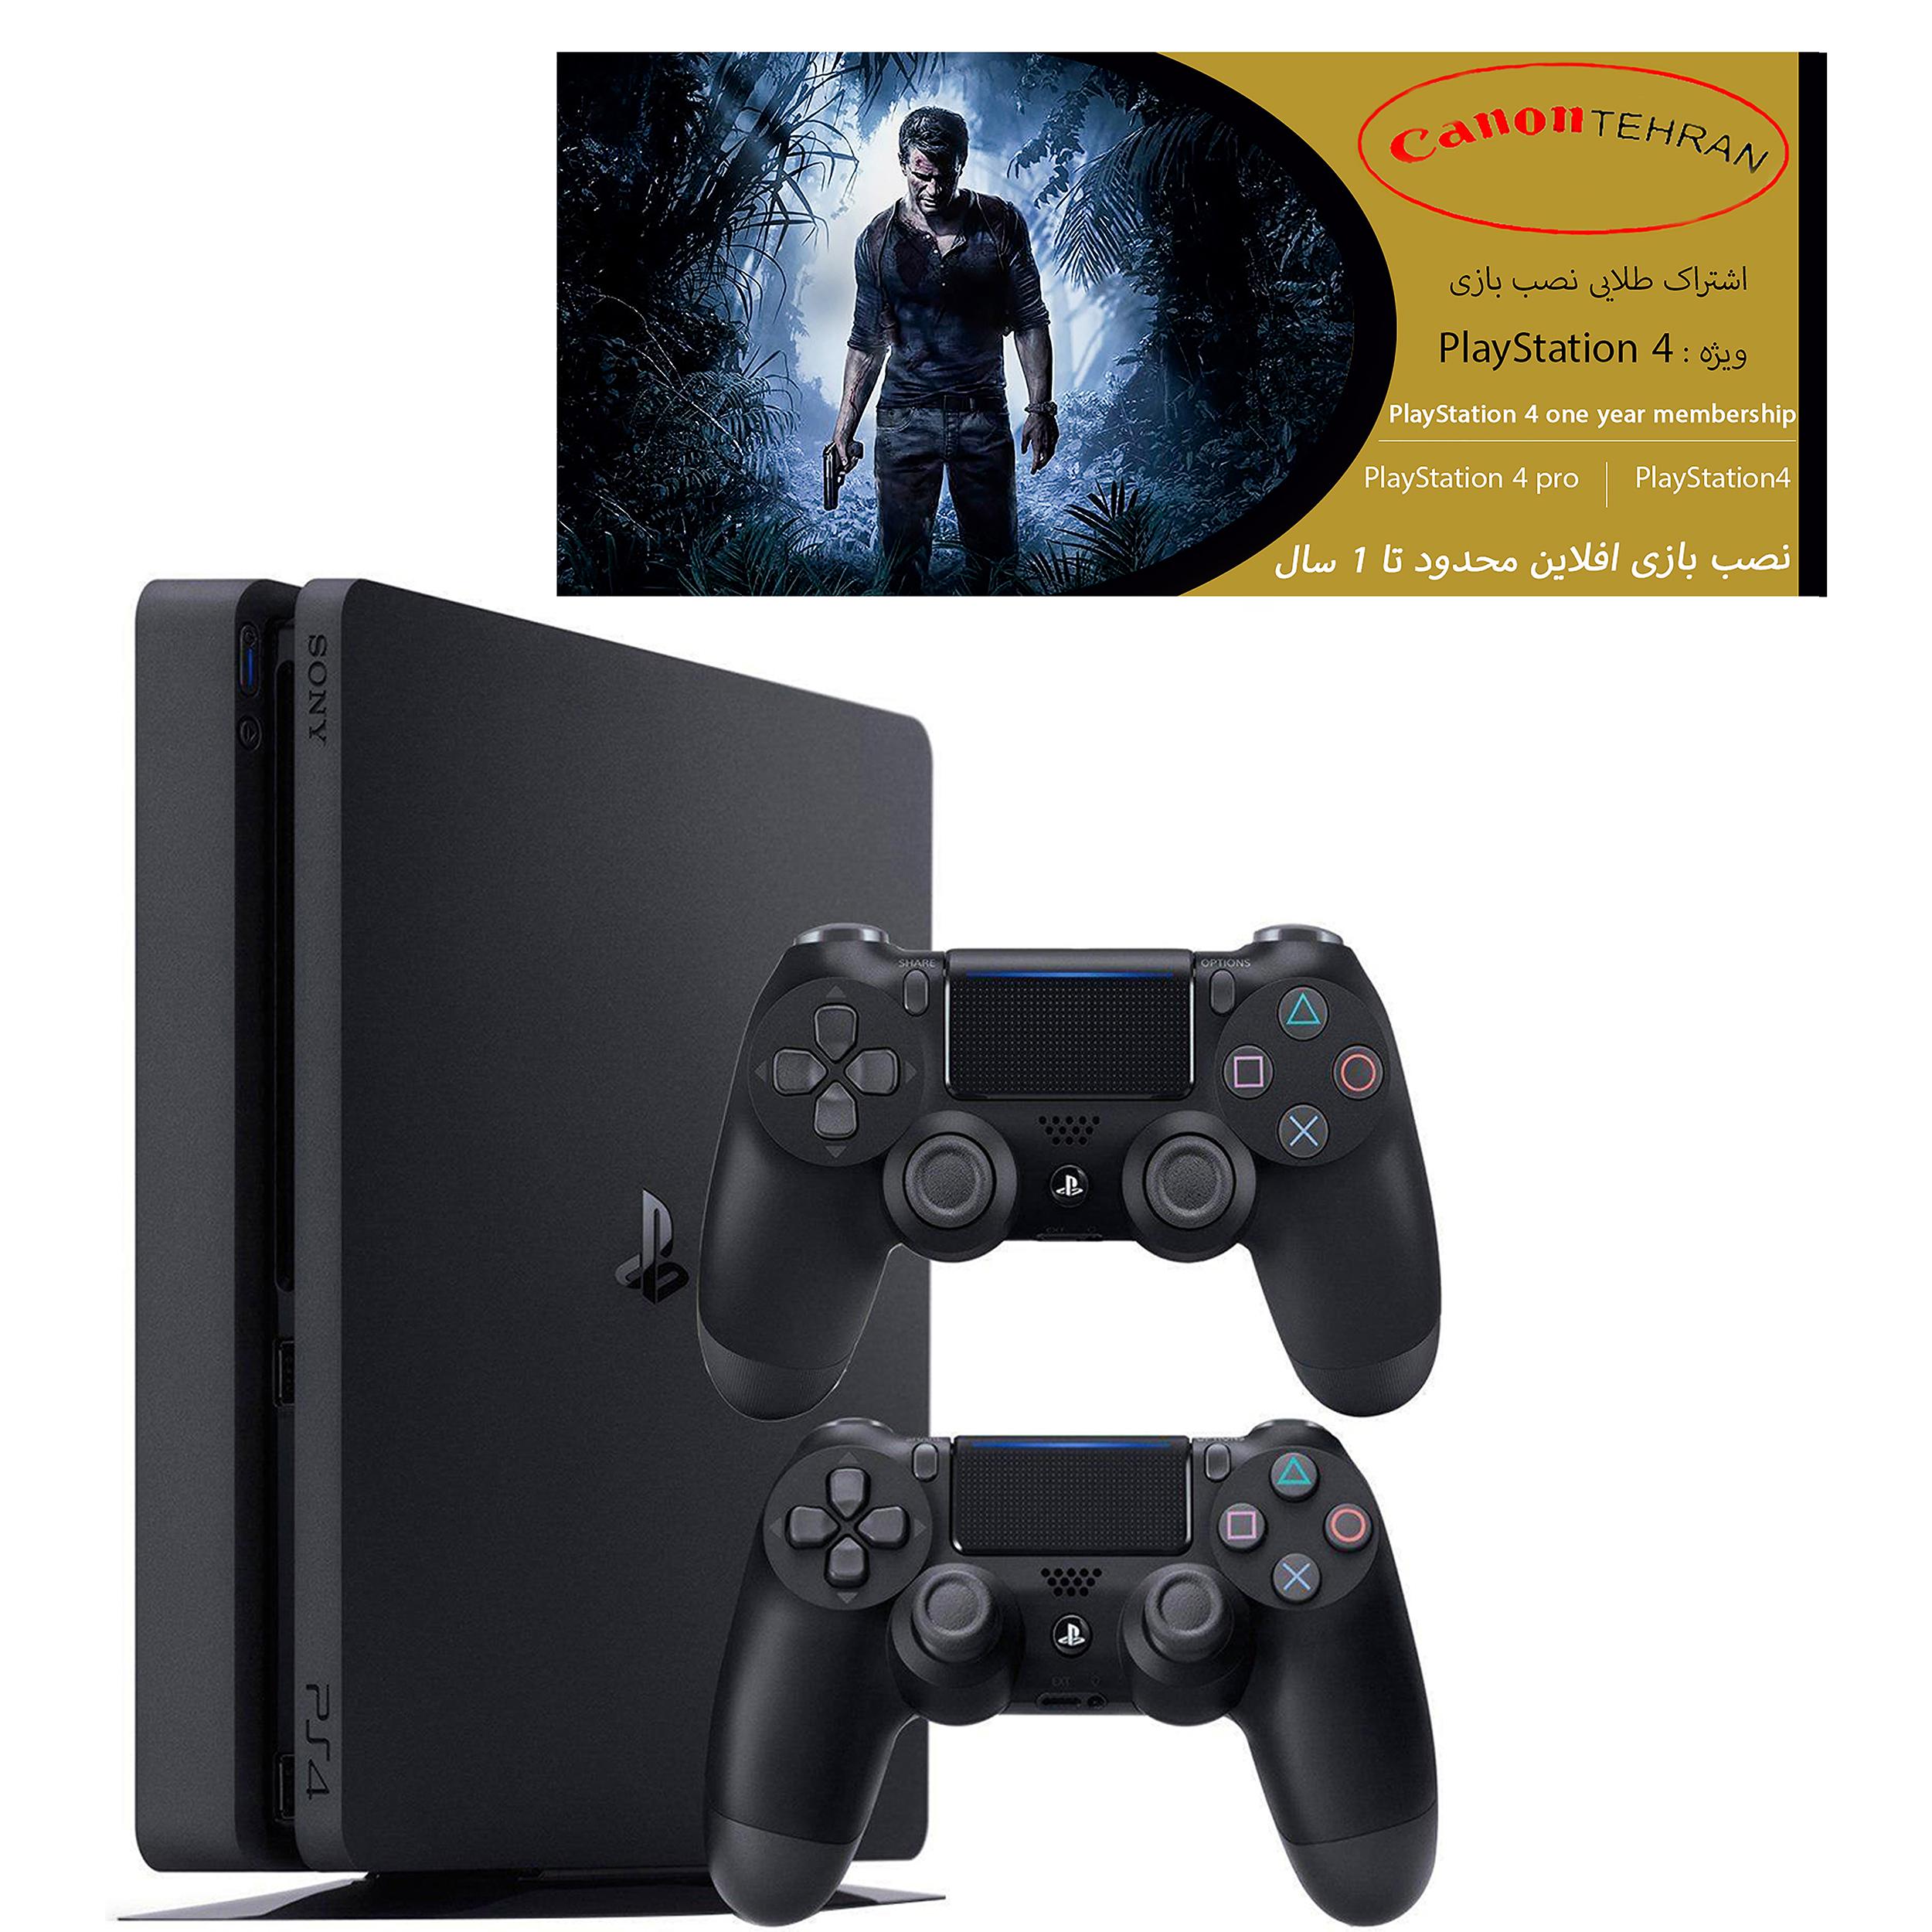 کنسول بازی سونی مدل Playstation 4 Slim ریجن 2 کد CUH-2216B ظرفیت 1 ترابایت به همراه 20 بازیو دسته اضافه